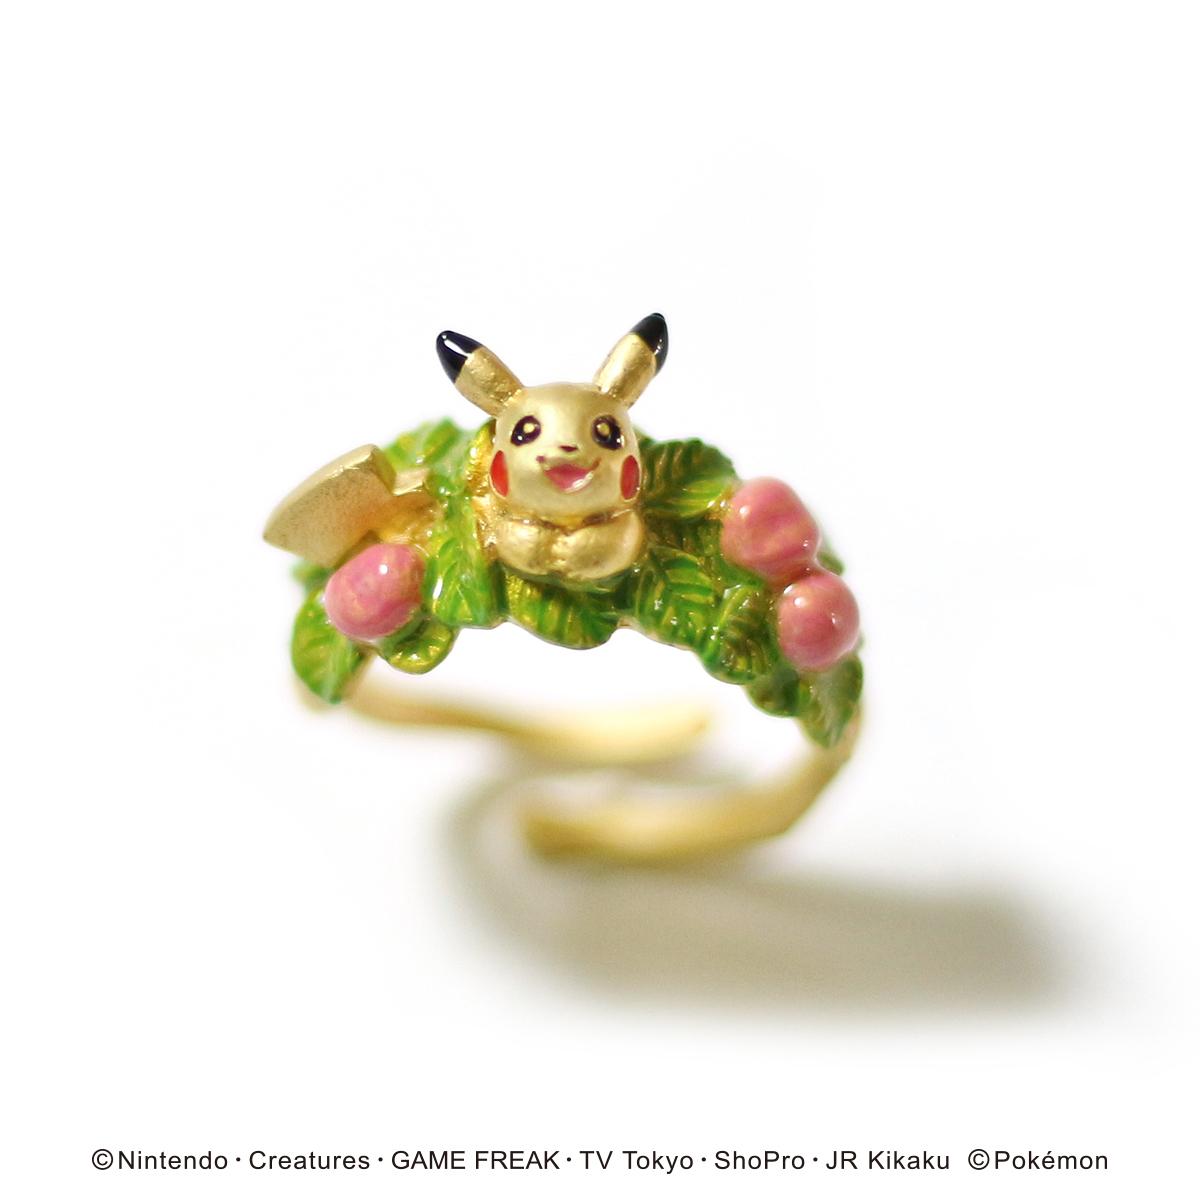 【5月誕生色モチーフ】ピカチュウお花畑リング / リング【ポケモン第3弾】(フリーサイズ)